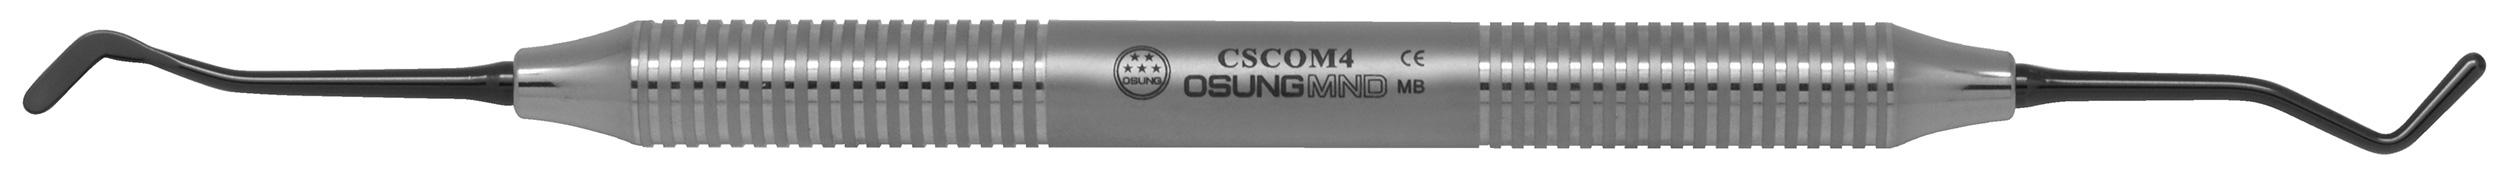 CSCOM4